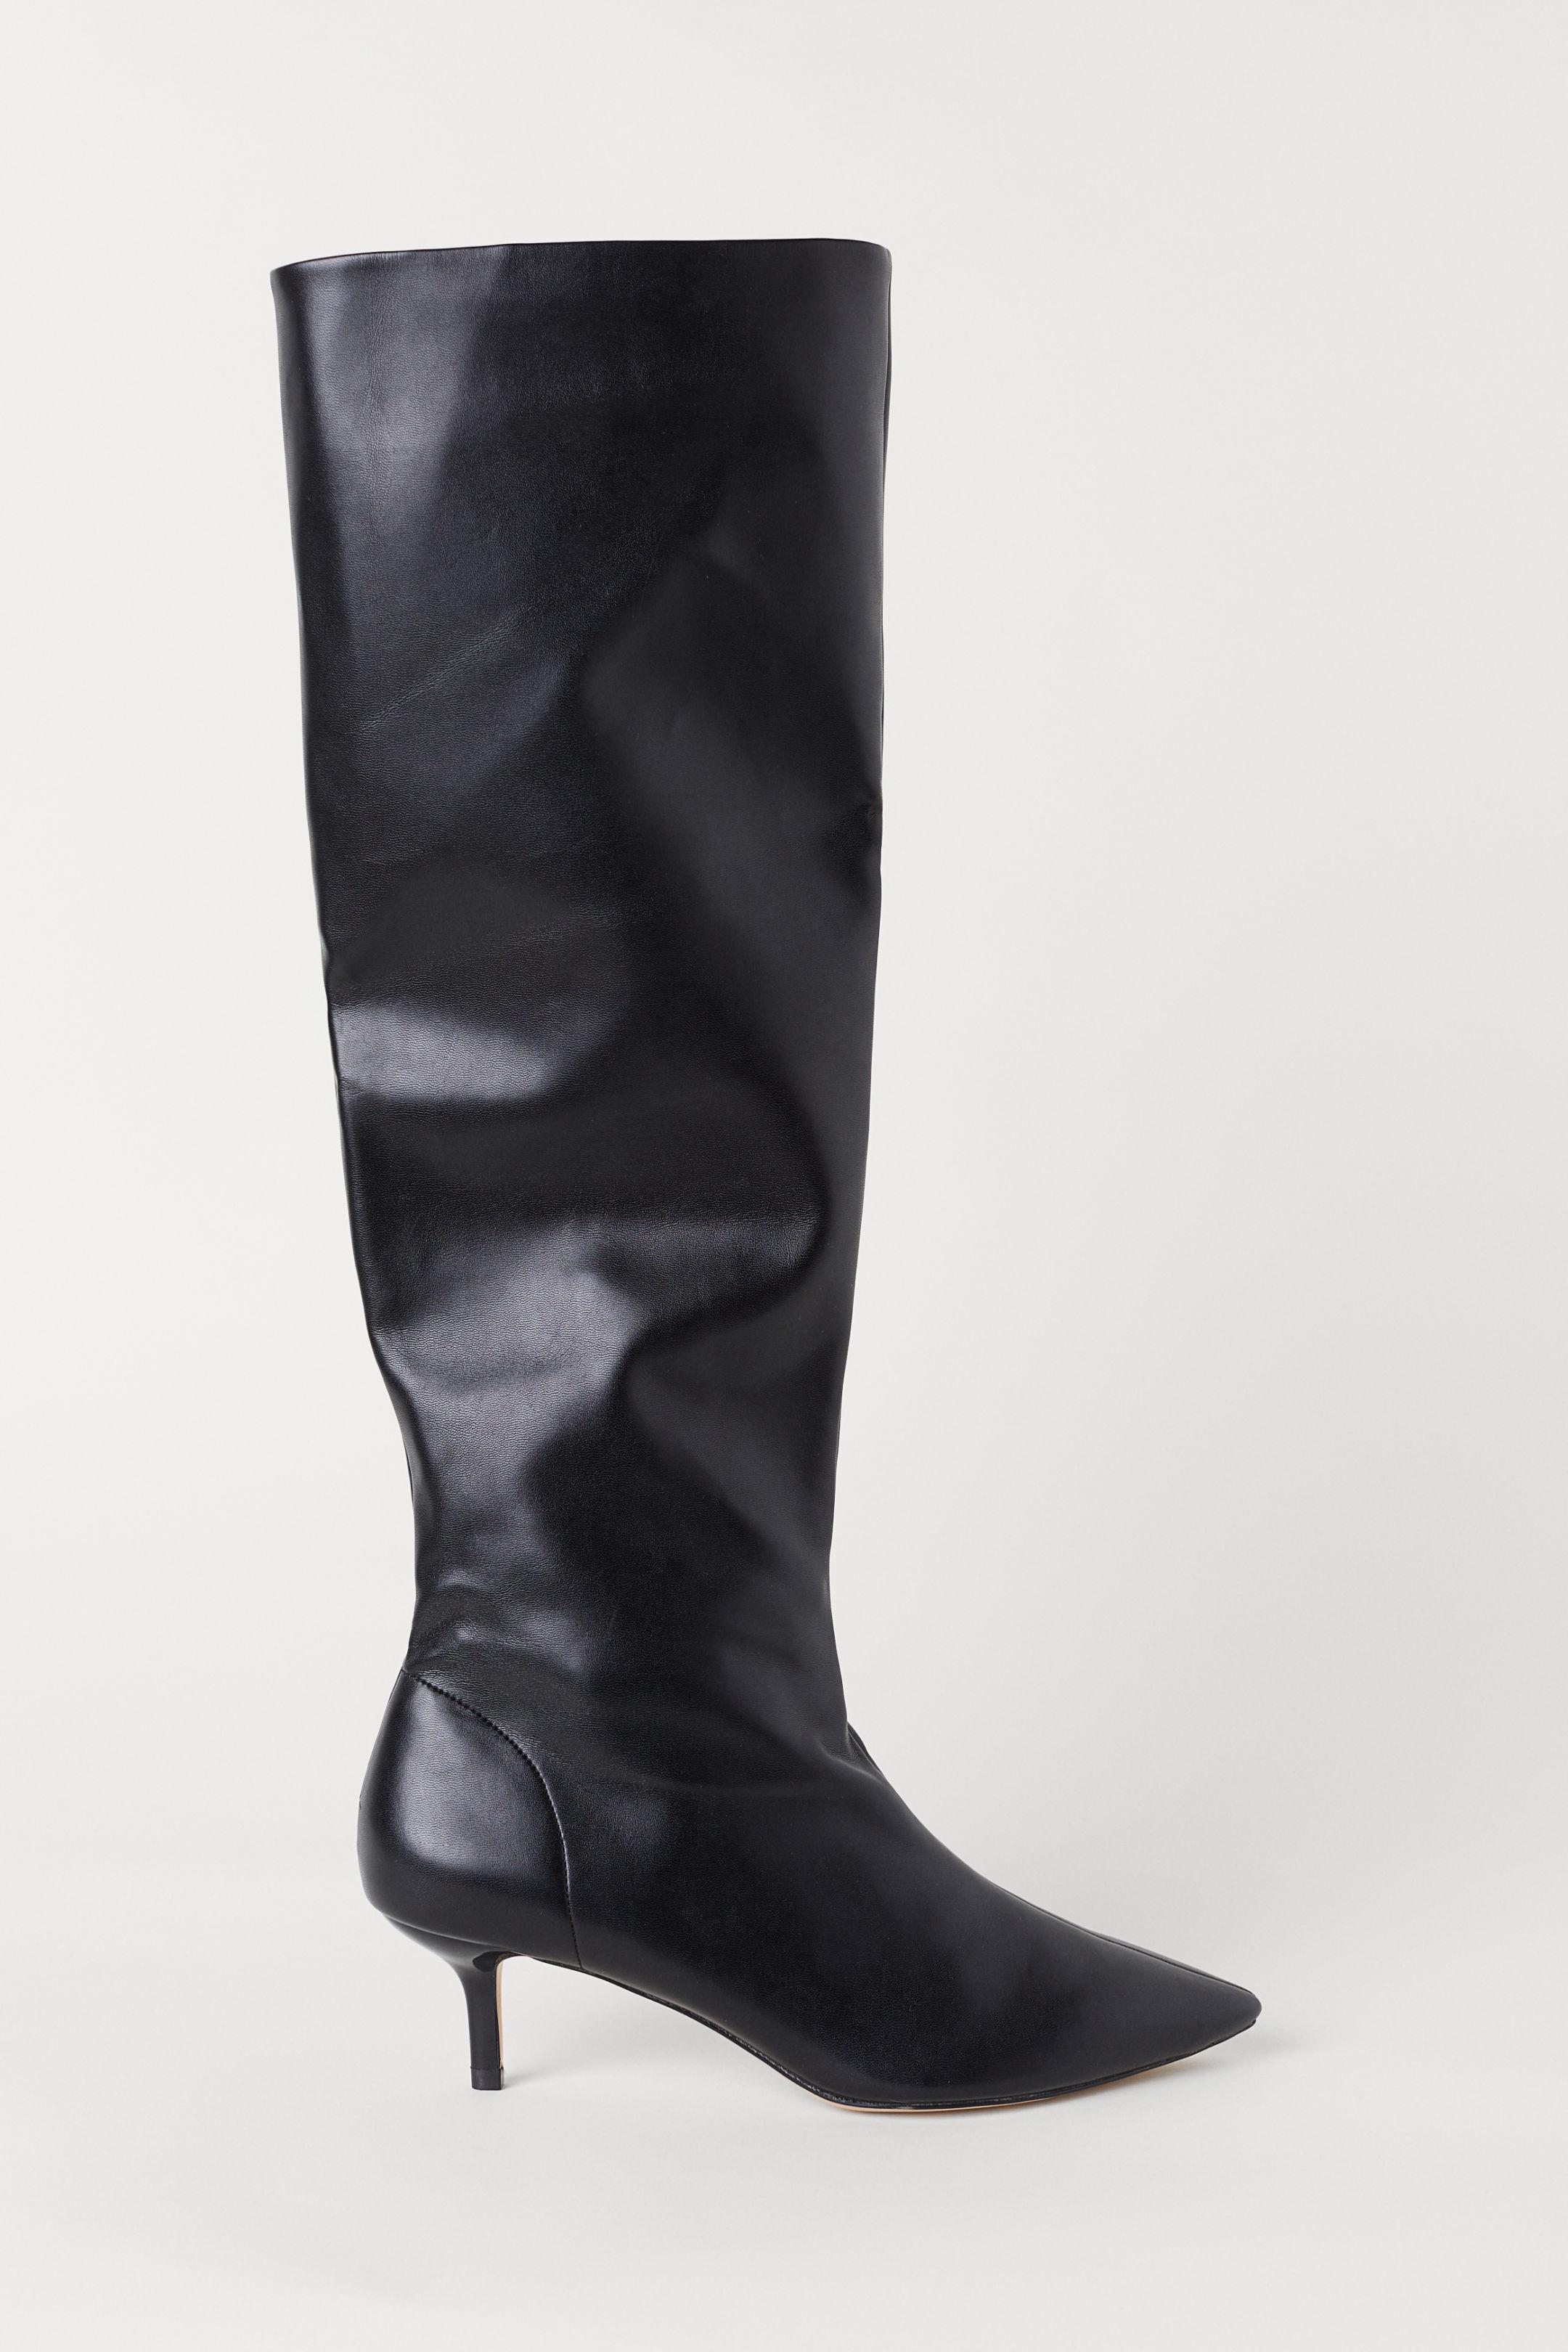 Stivali alti al ginocchio con tacco H&M a 59,99 euro